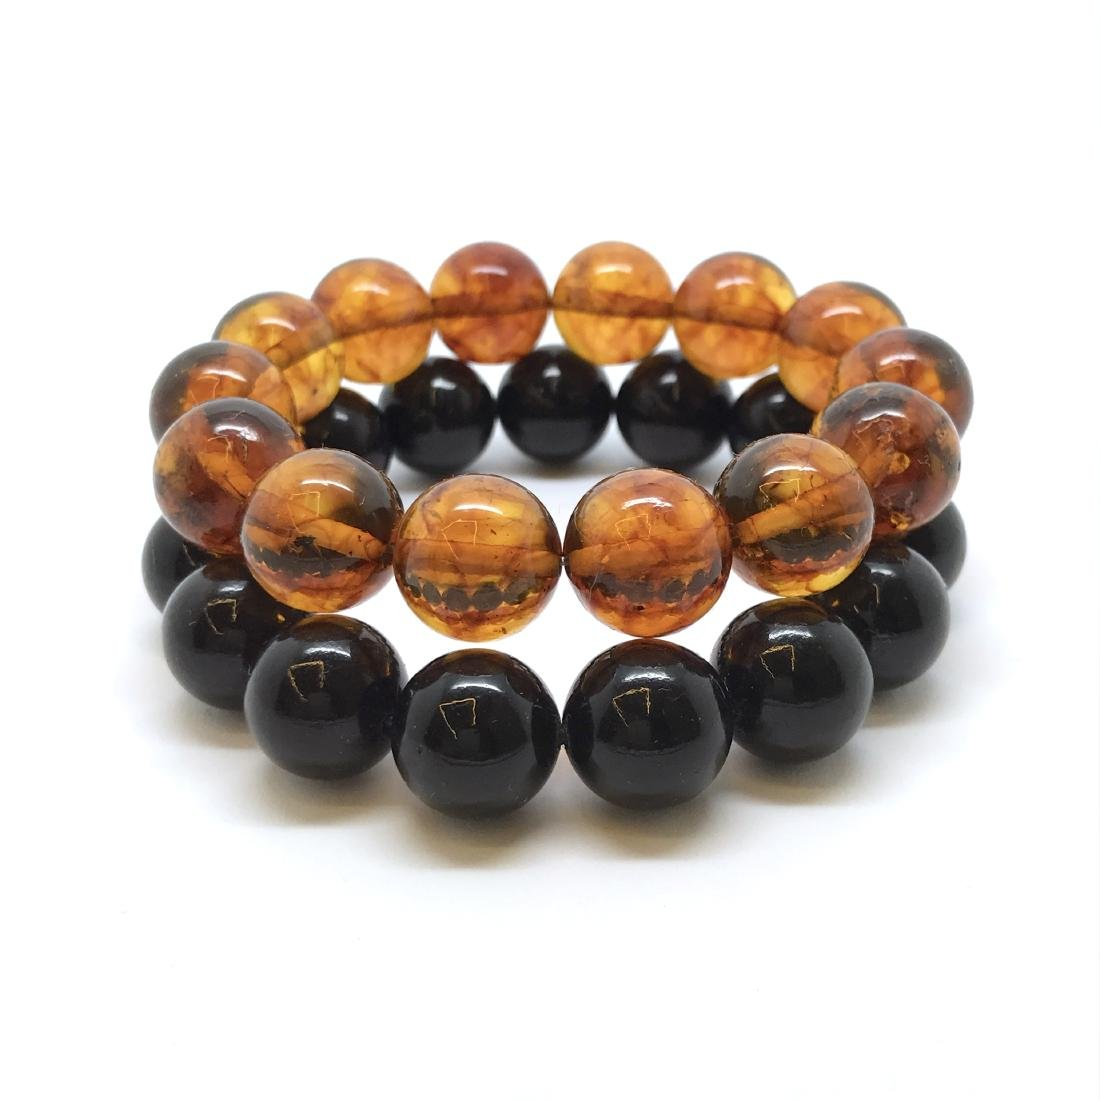 2x bracelets Baltic amber beads ø12.5mm, weight 29.5 gr